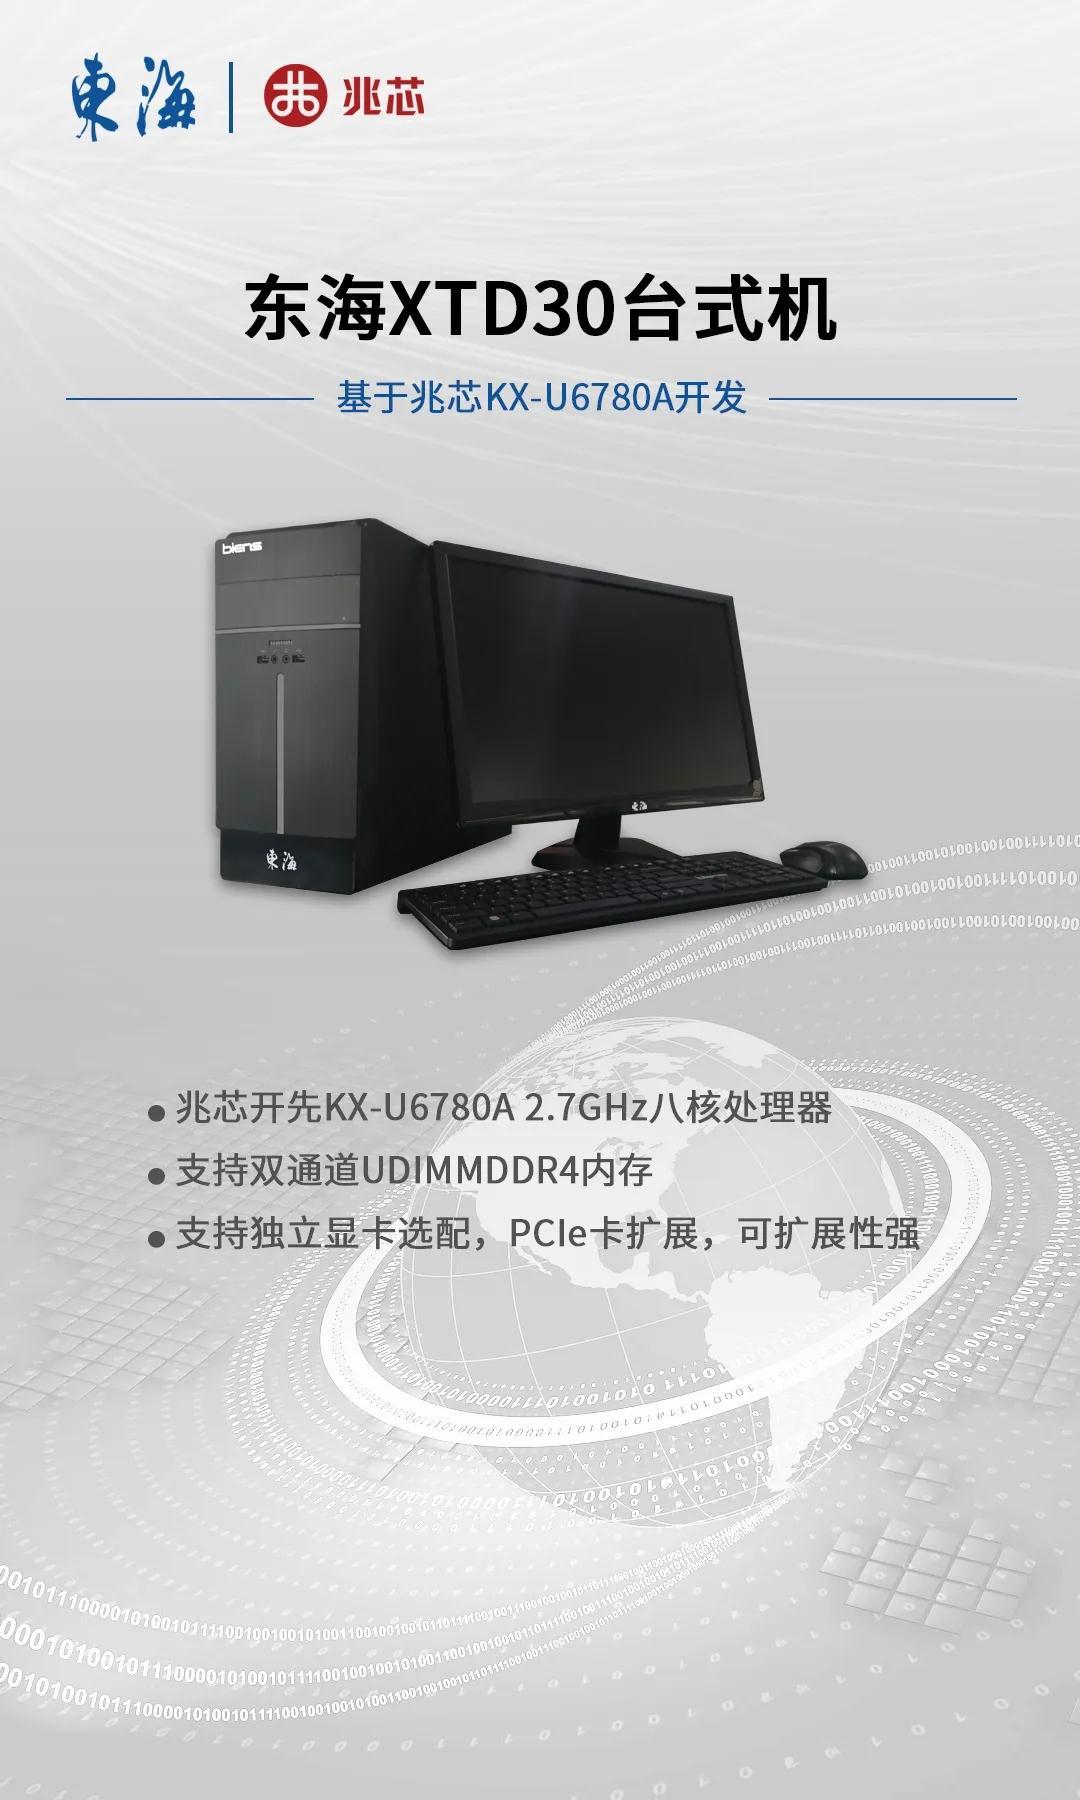 新品推介--东海XTD30系列台式机